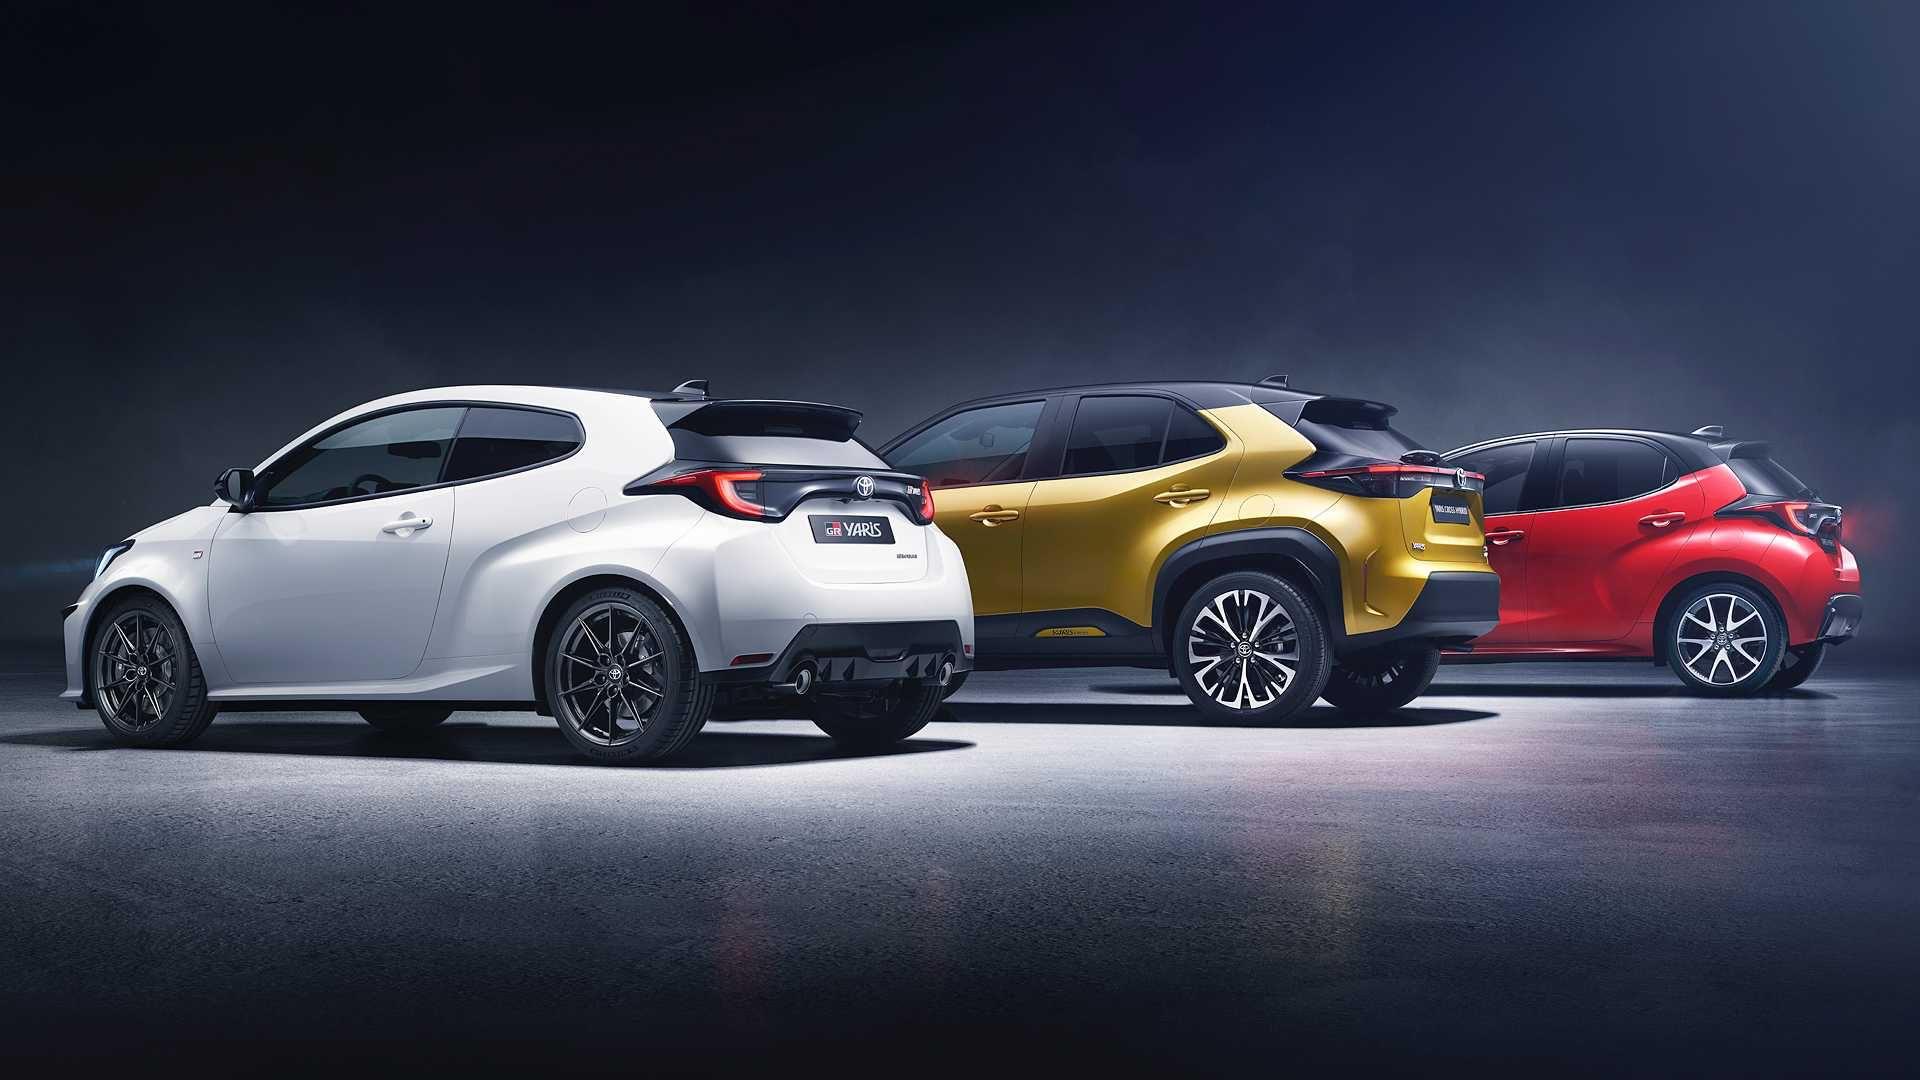 Foto della Toyota Yaris 2020 e della Toyota Yaris Cross 2021